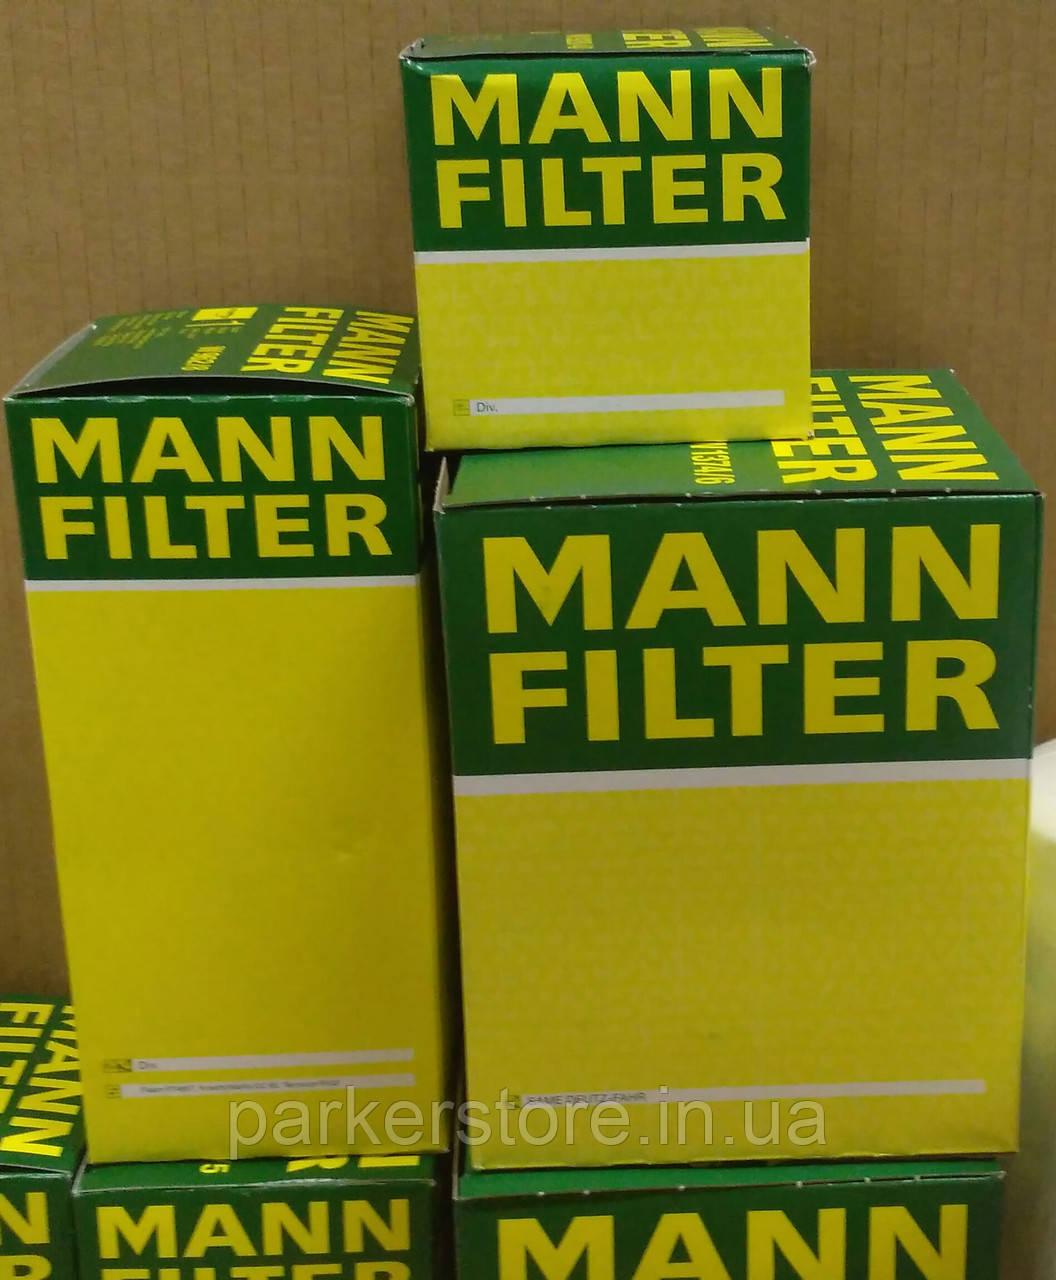 MANN FILTER / Воздушный фильтр / C 2821 / C2821